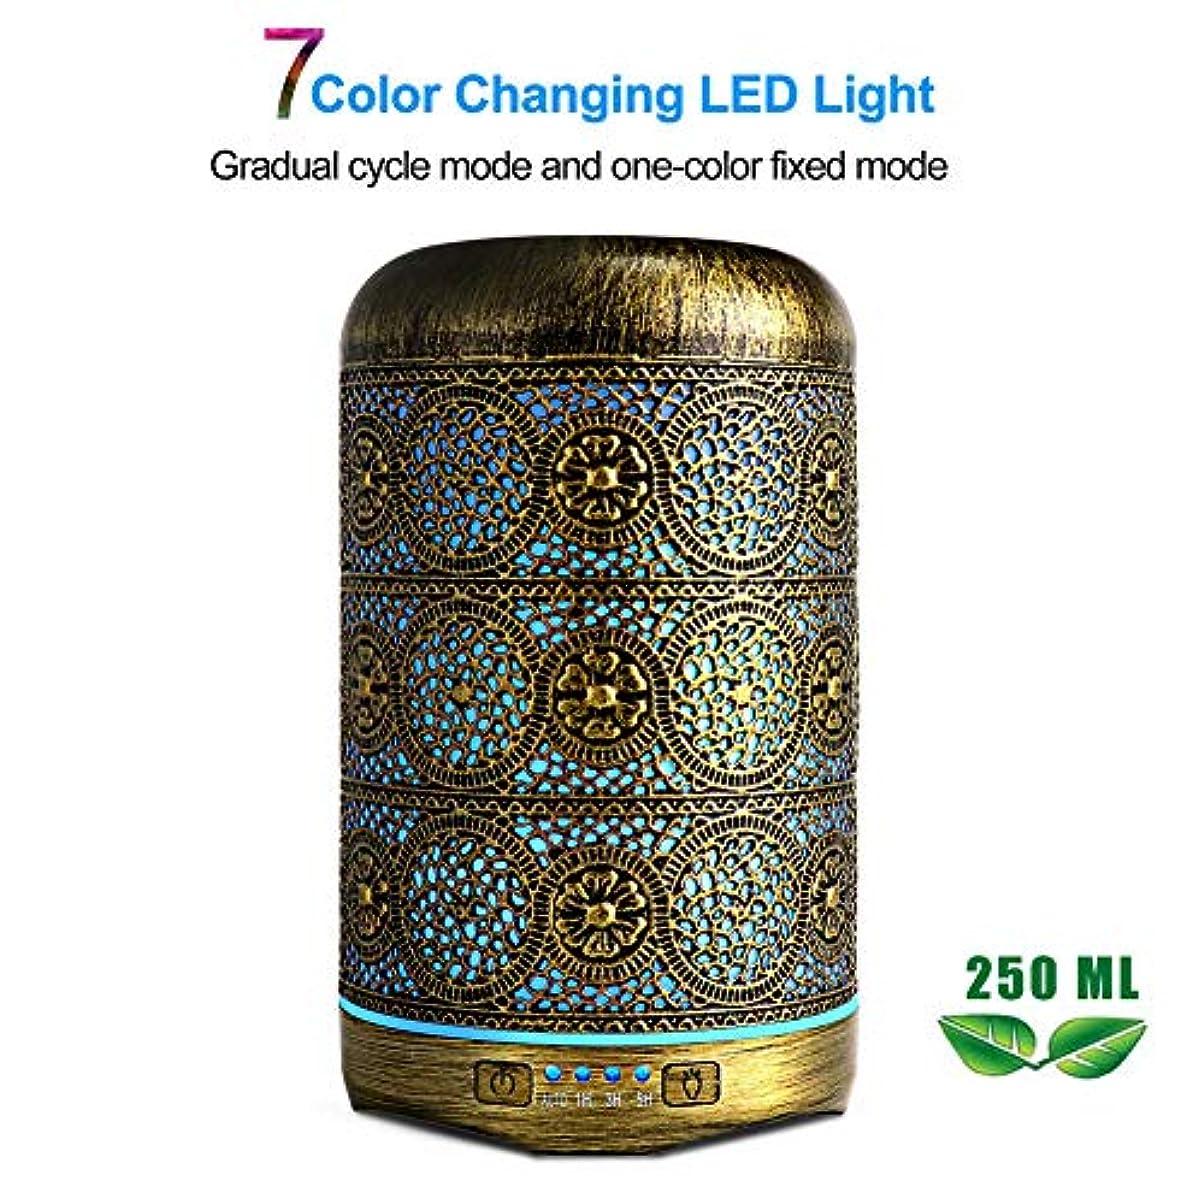 究極の吸い込む永遠の250mlエッセンシャルオイルディフューザーアロマディフューザー、4色のオイルディフューザー加湿器を備えた7色のナイトライトと自動シャットオフ